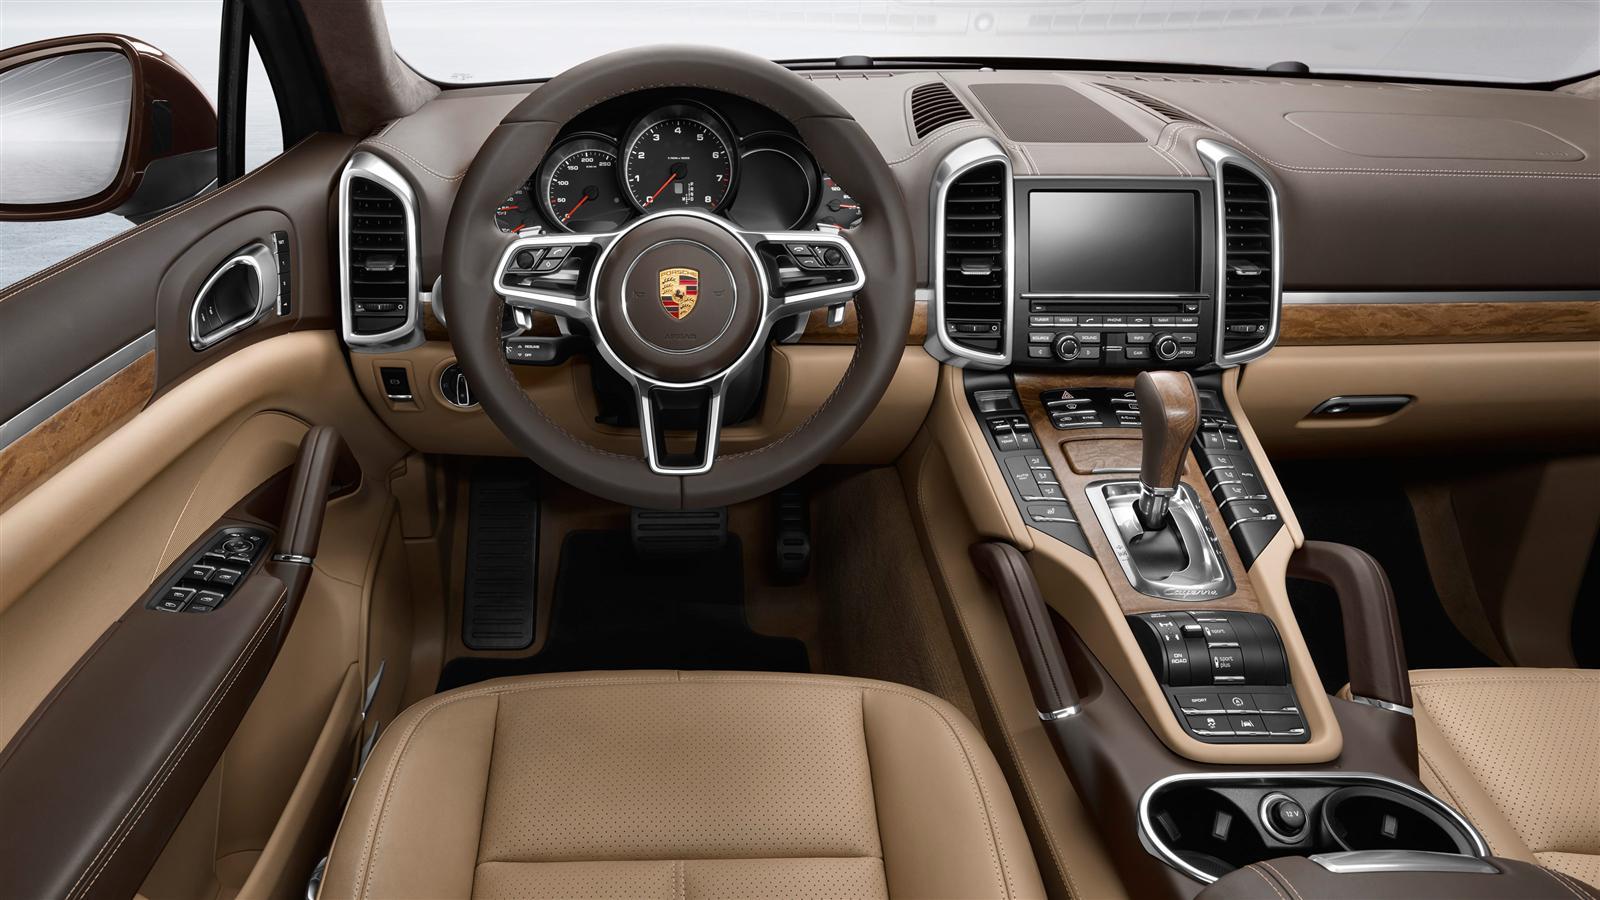 2017 Porsche Cayenne Dashboard And Center Stack